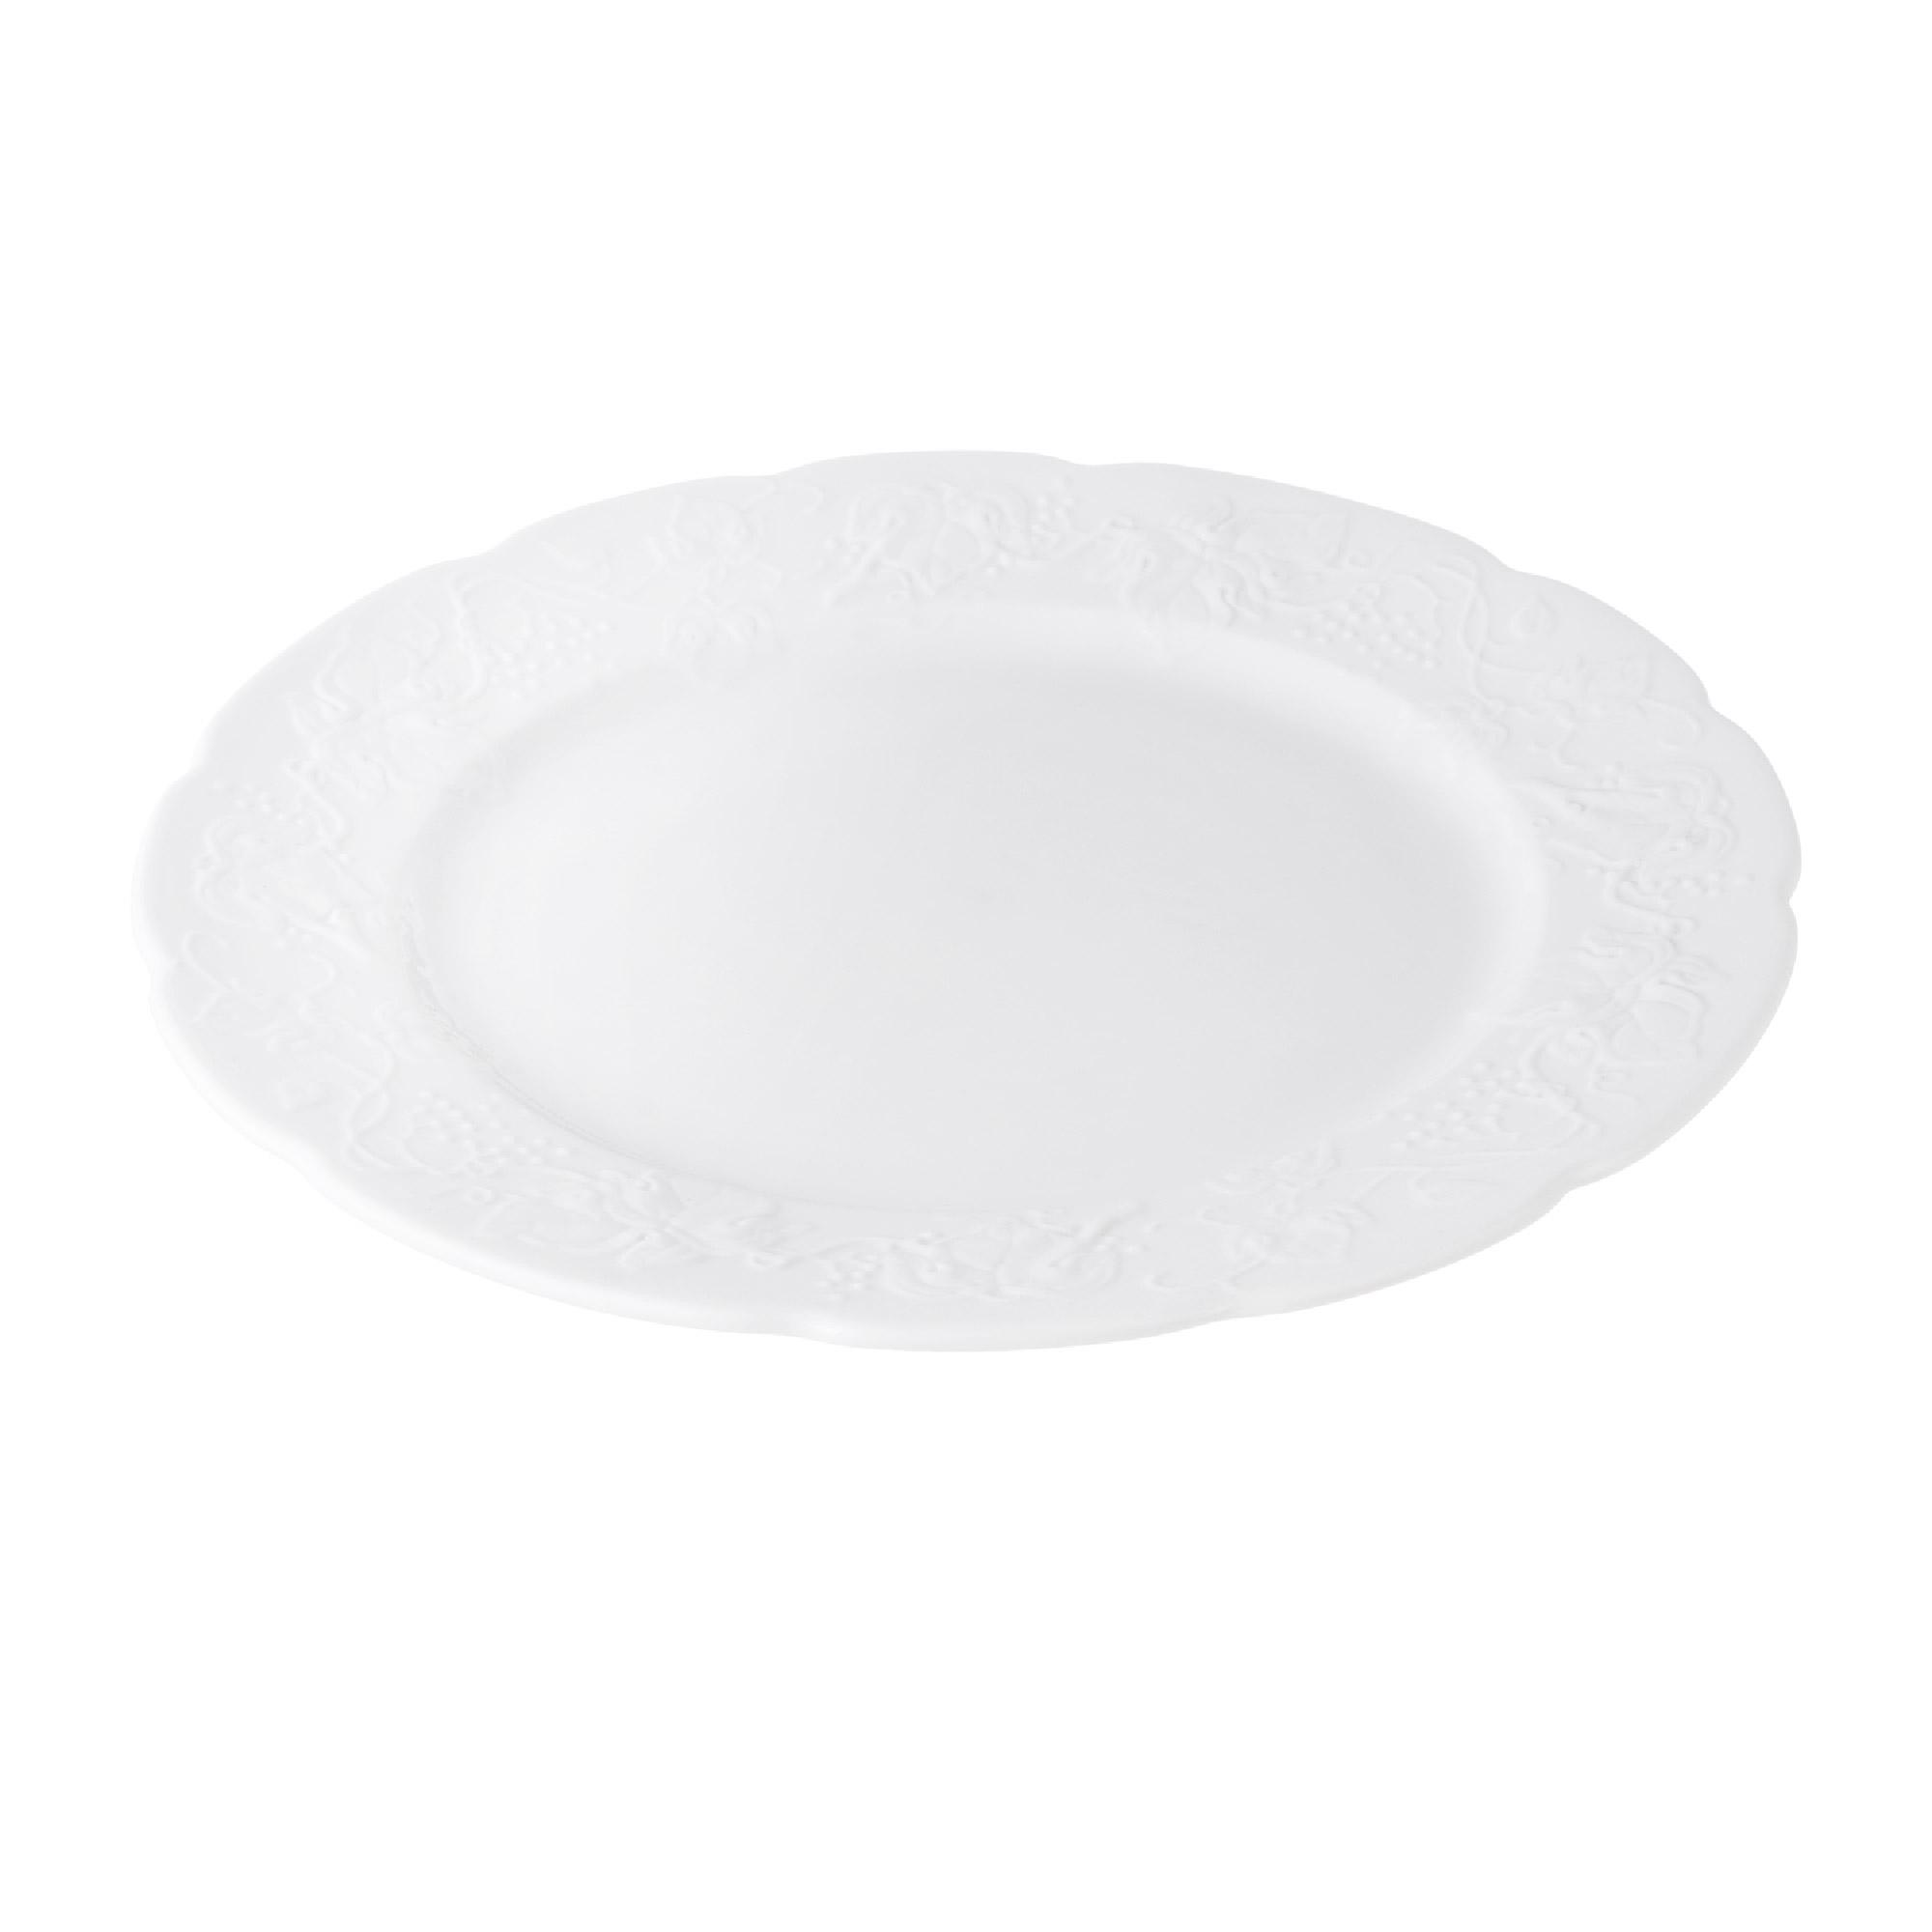 Тарелка Yves de la Rosiere плоская Blanc 26 см